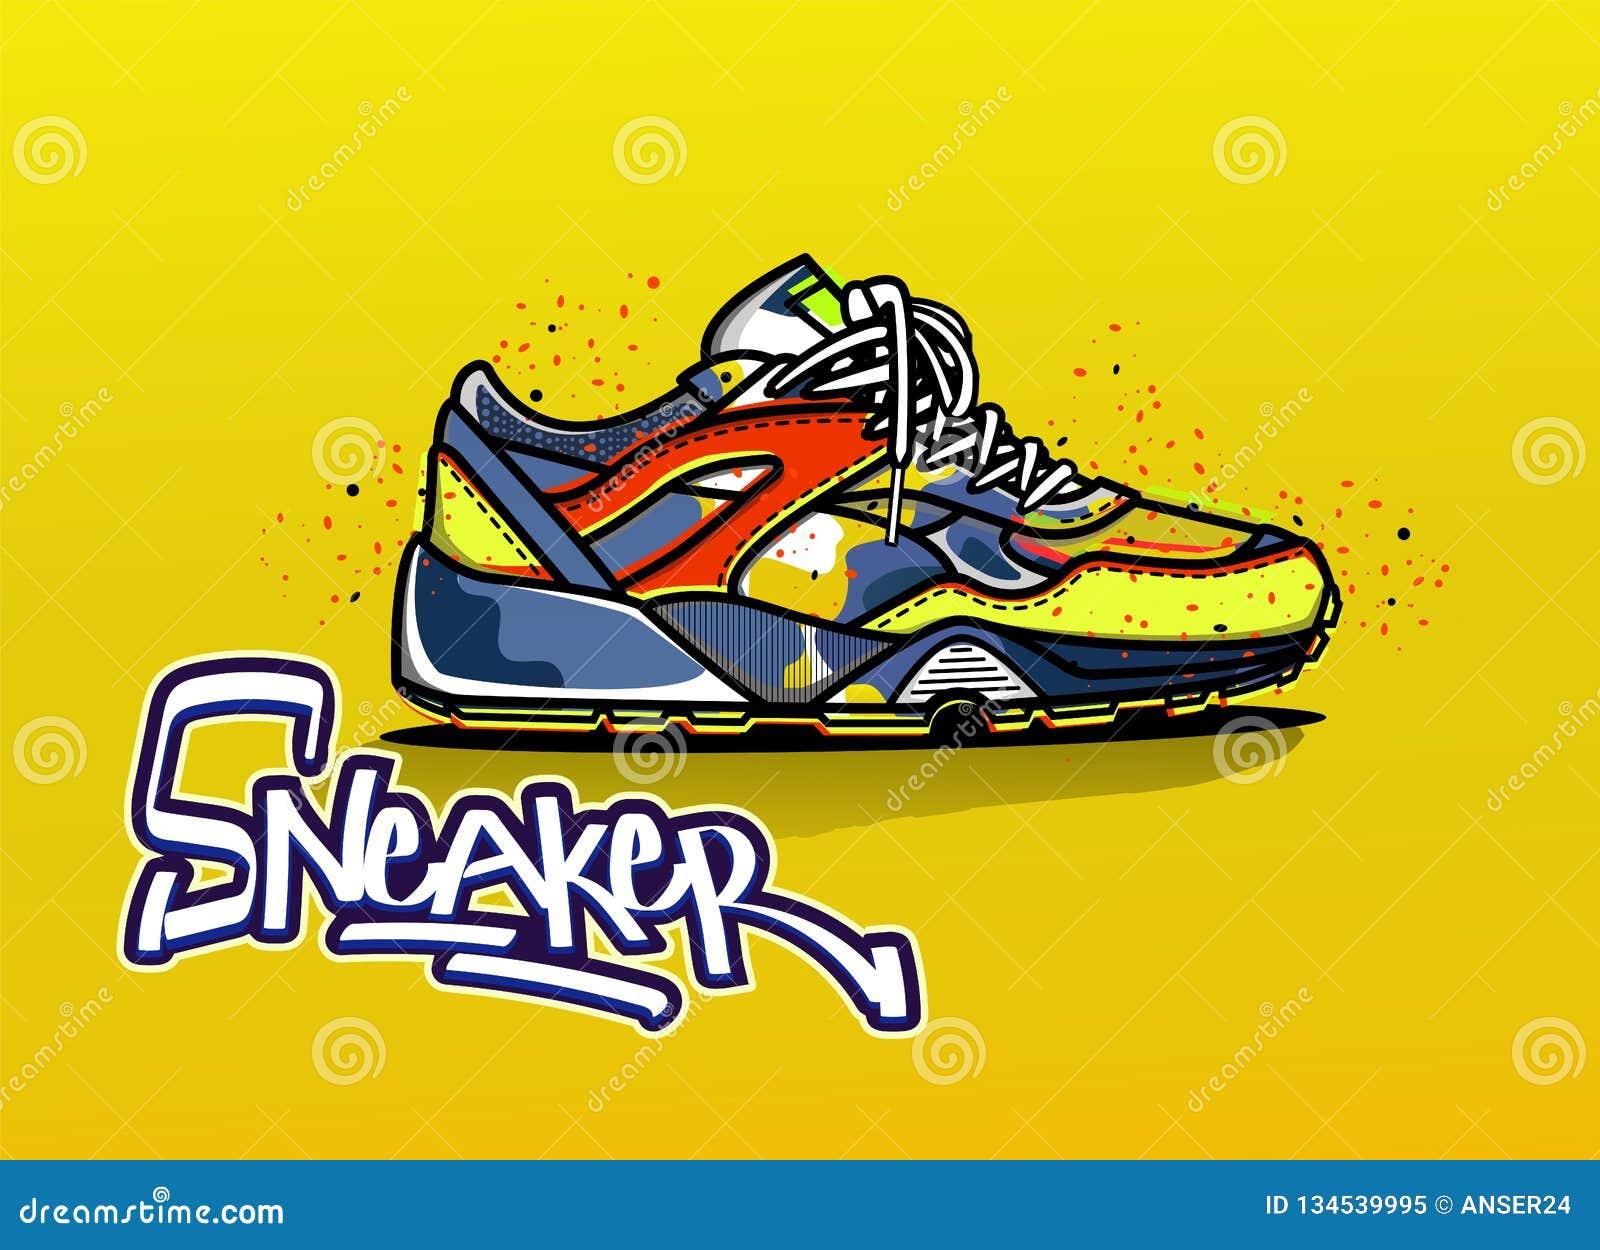 Illustration von Turnschuhen in der Farbe Sport Schuhe